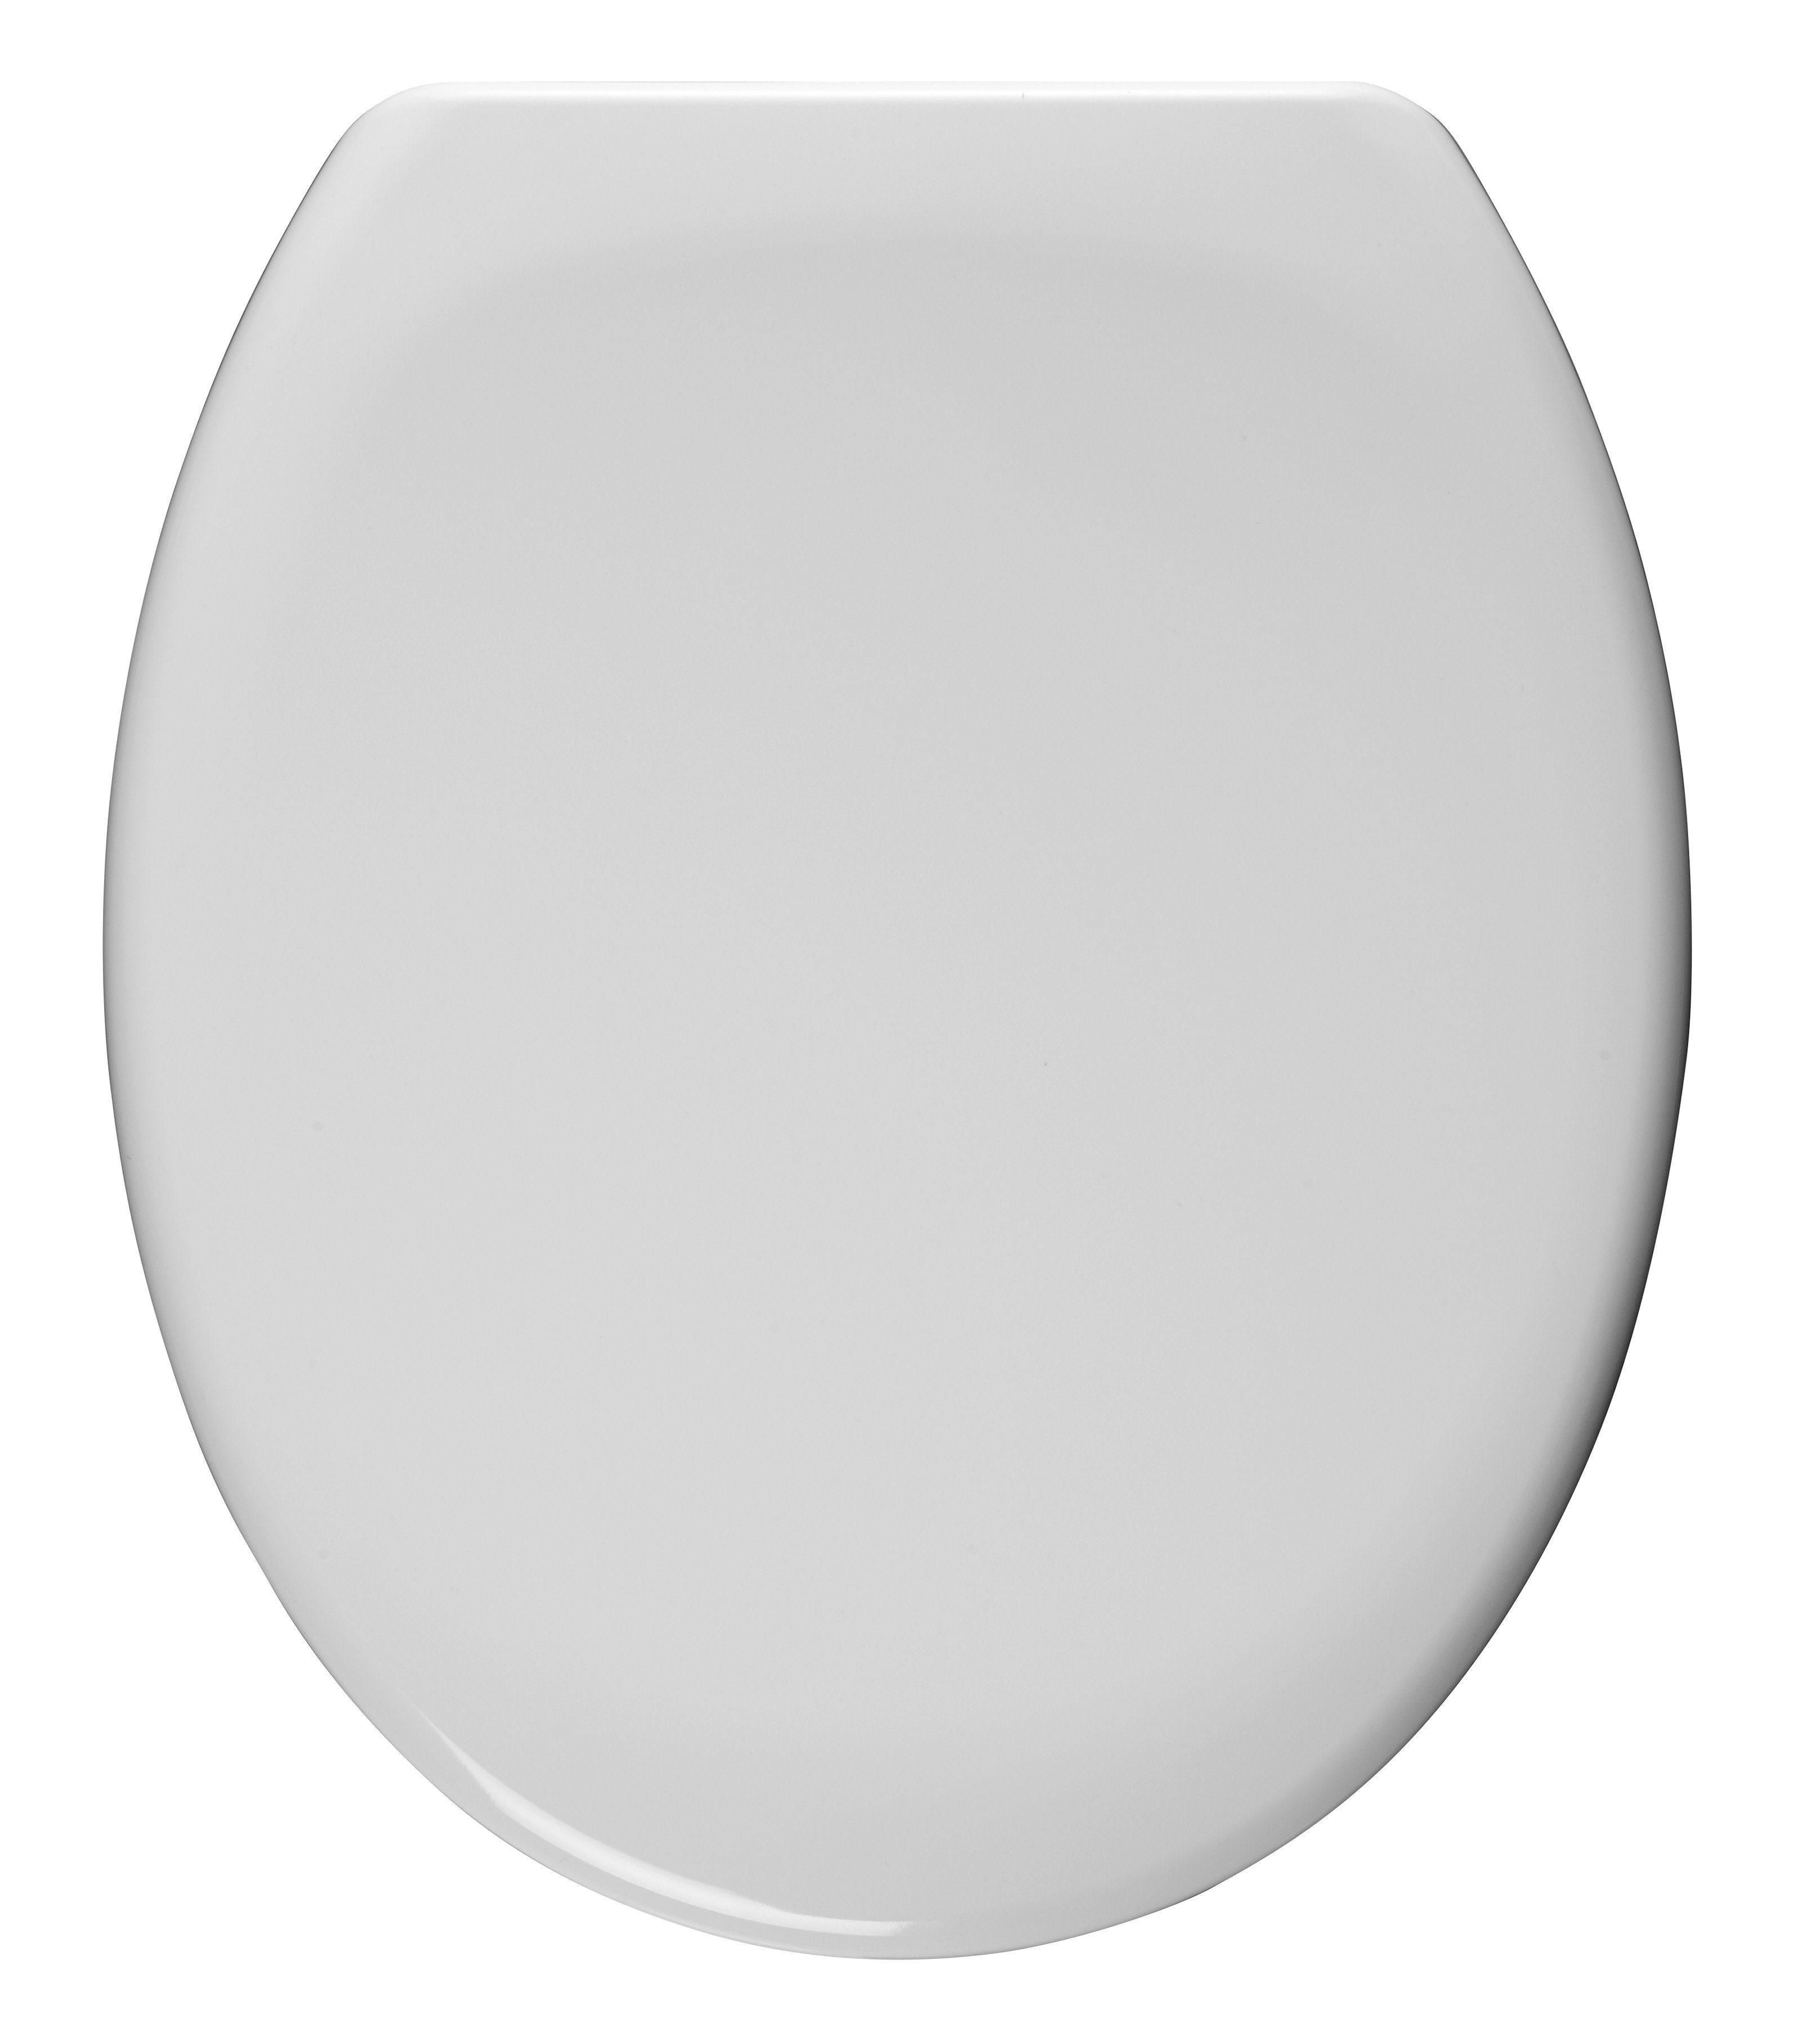 WC-Sitz »Monza«, Mit Absenkautomatik